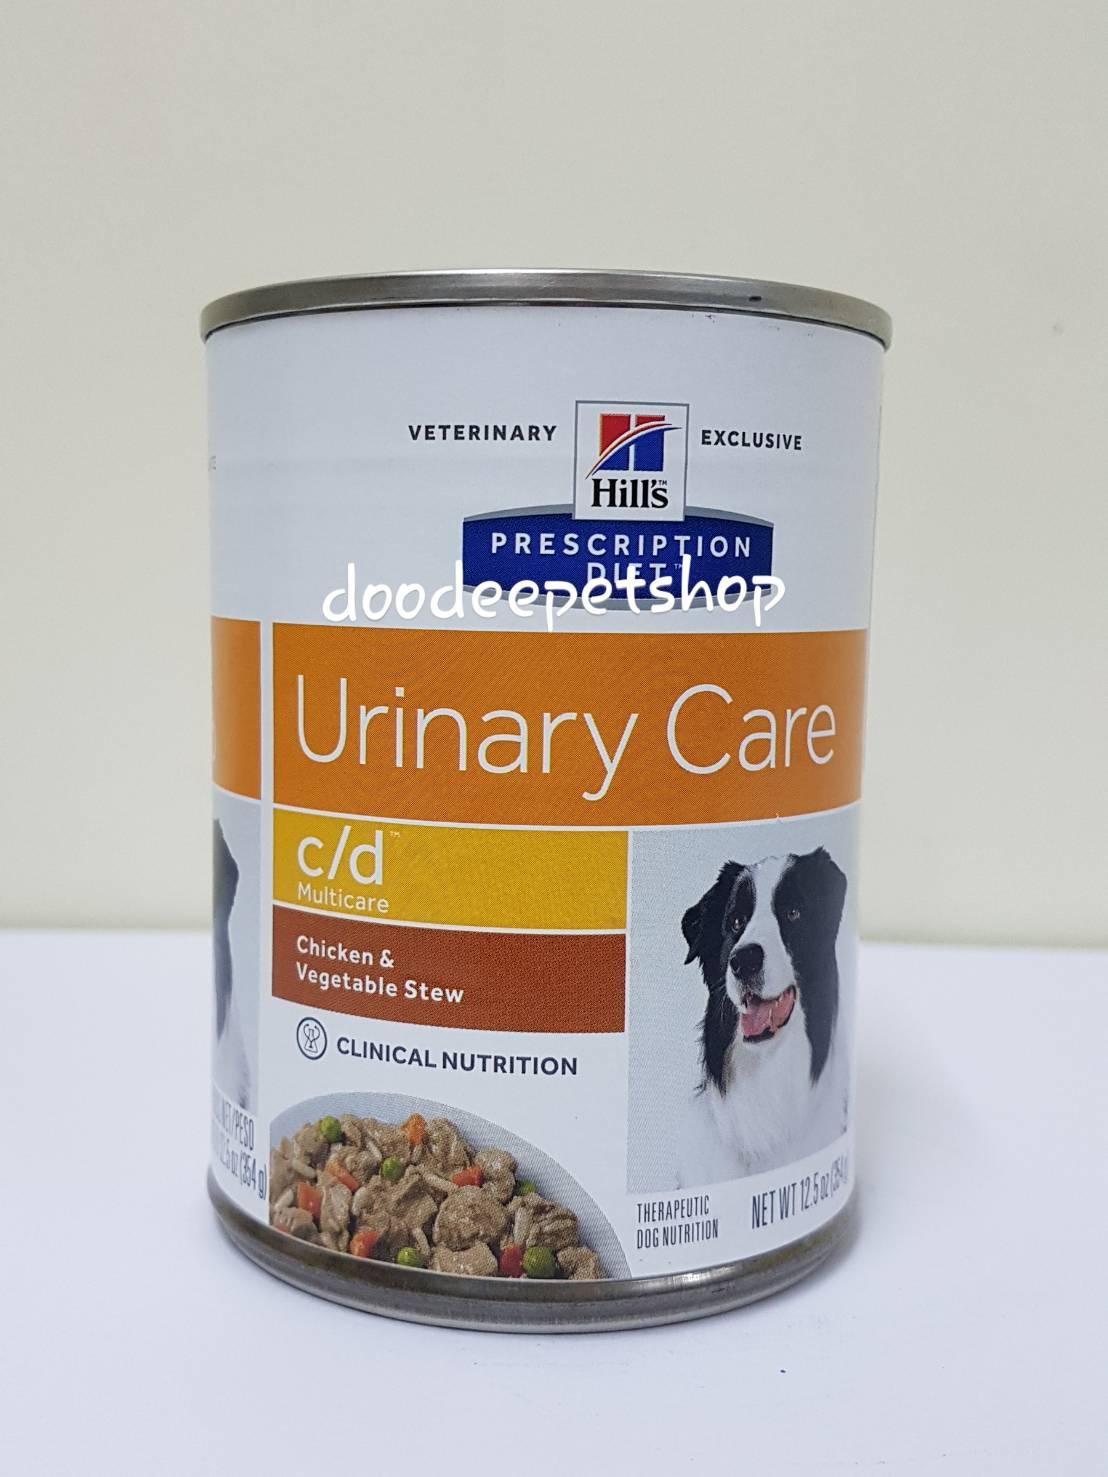 c/d อาหารสุนัข ที่มีปัญหาเรื่องนิ่ว อาหารกระป๋องแบบสตรู